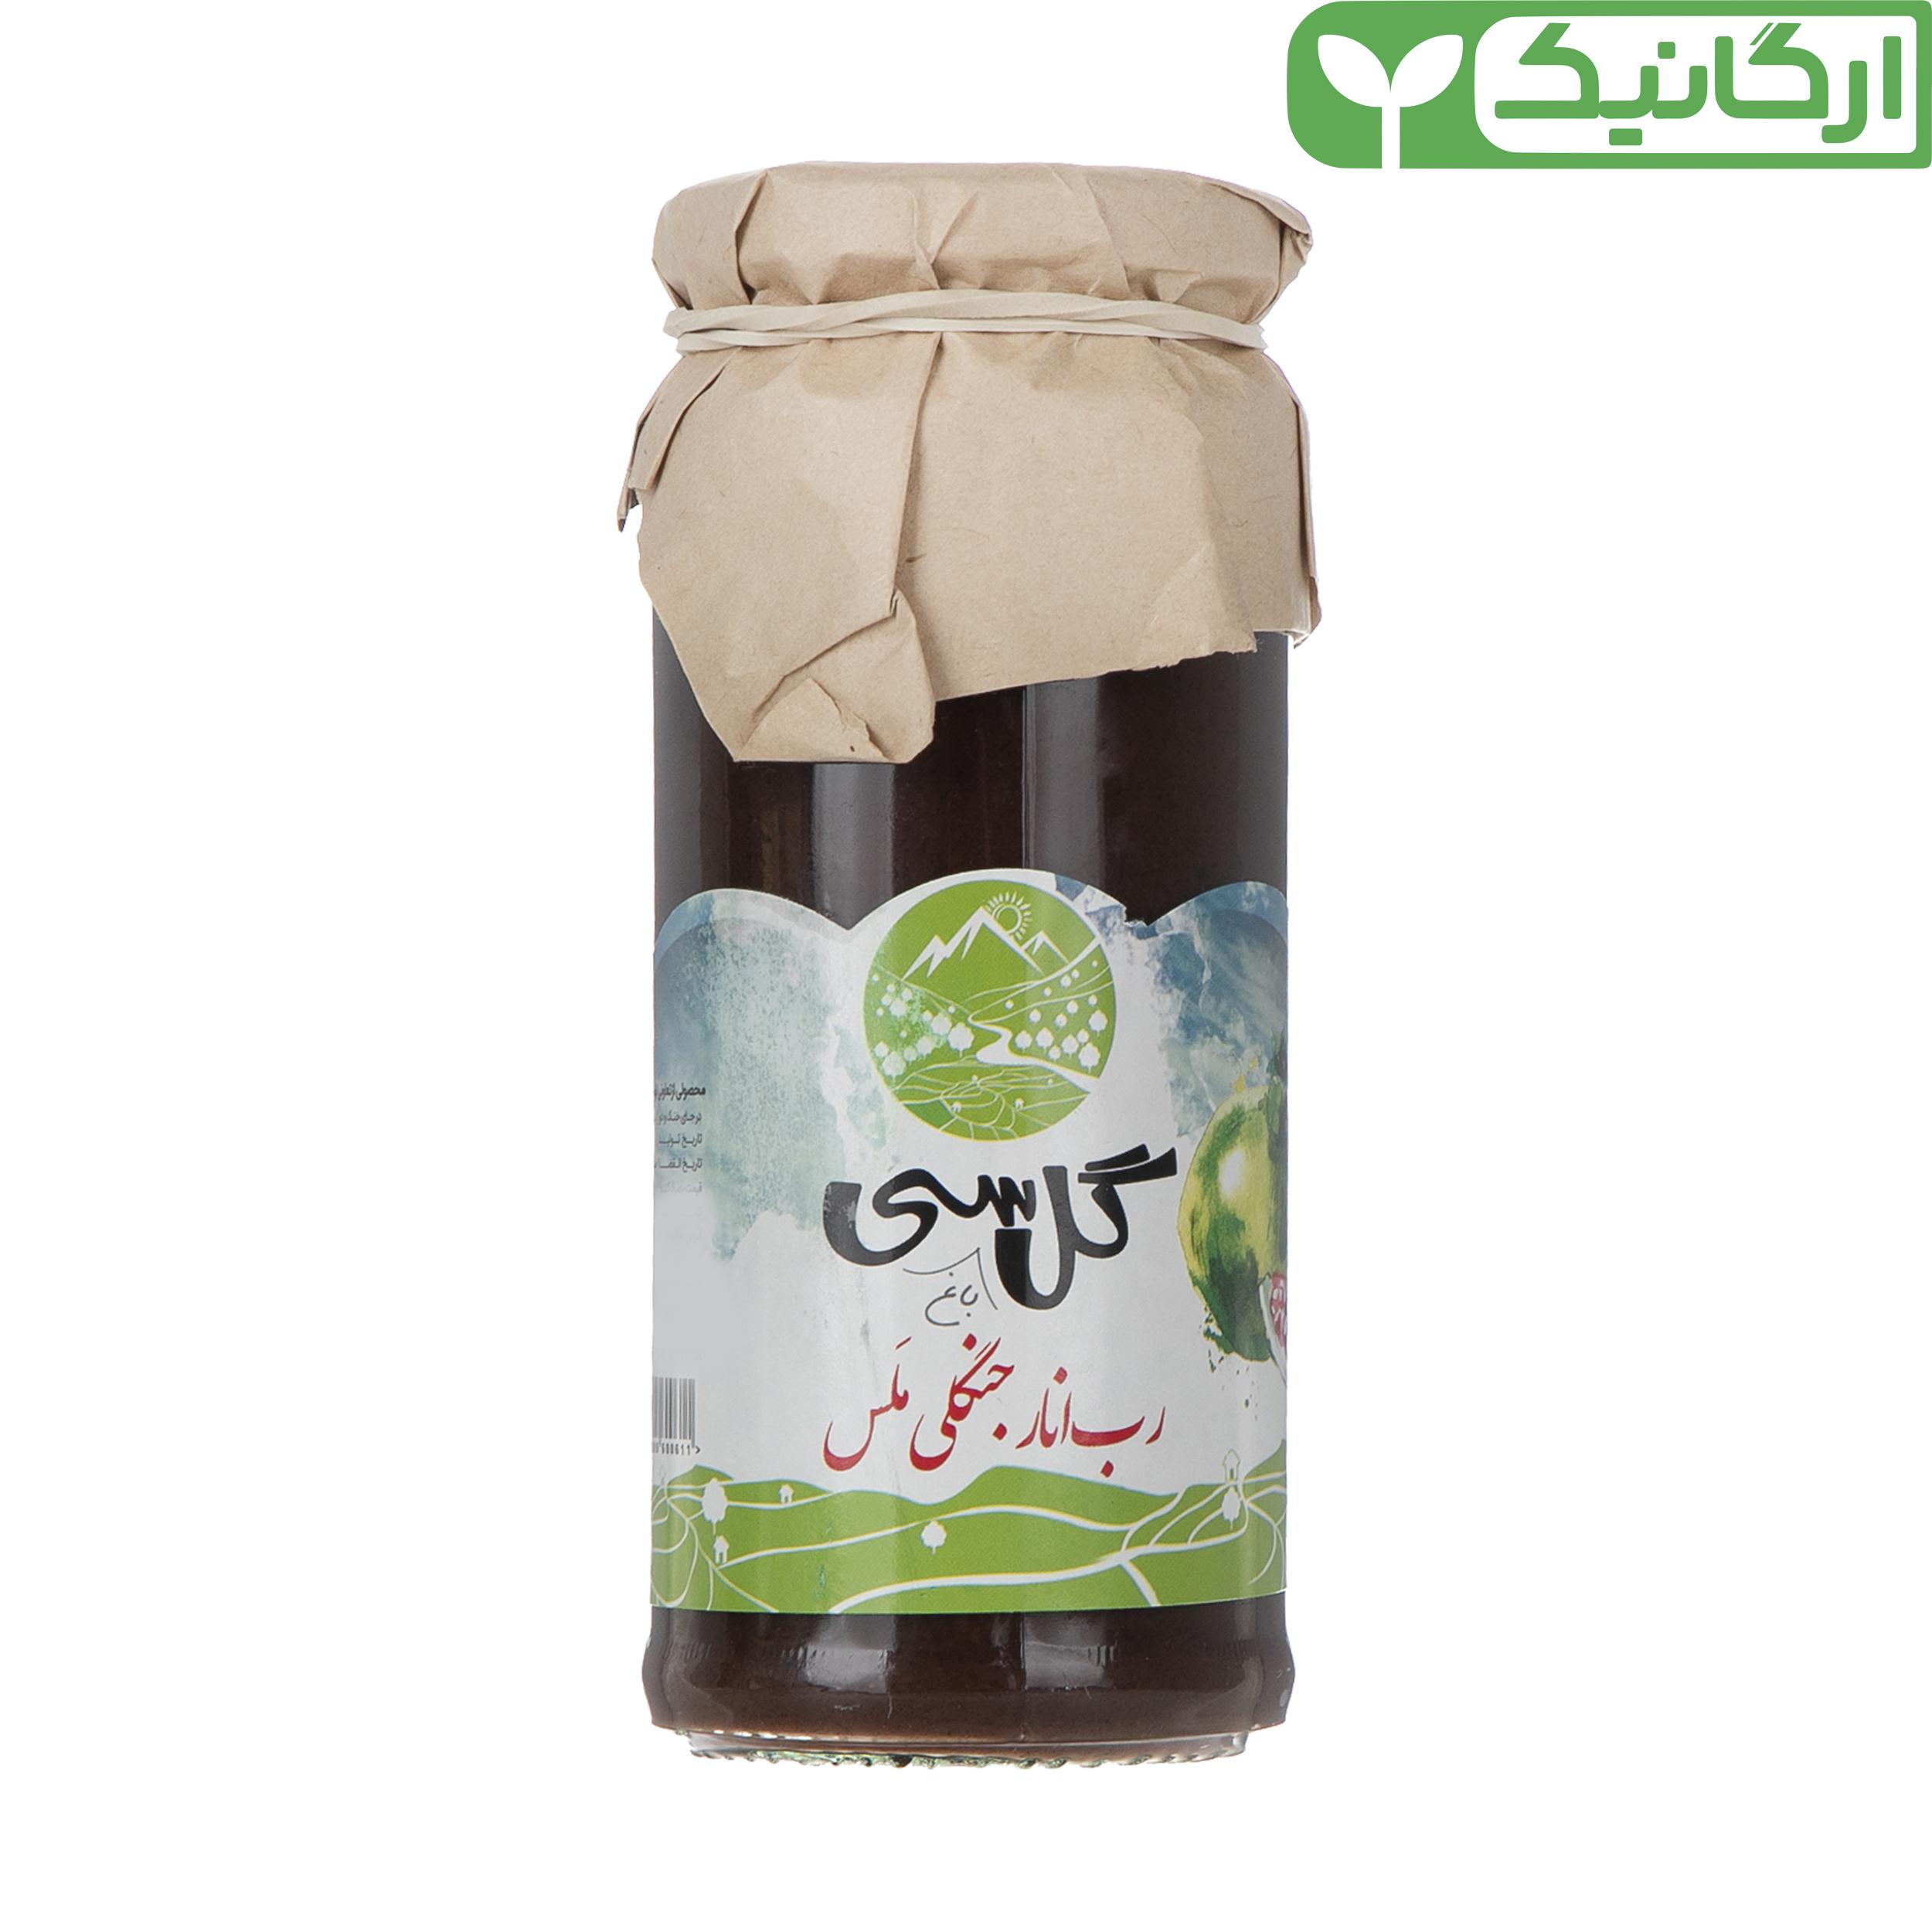 رب انار جنگلی ملس ارگانیک گل باغ سی - 500 گرم